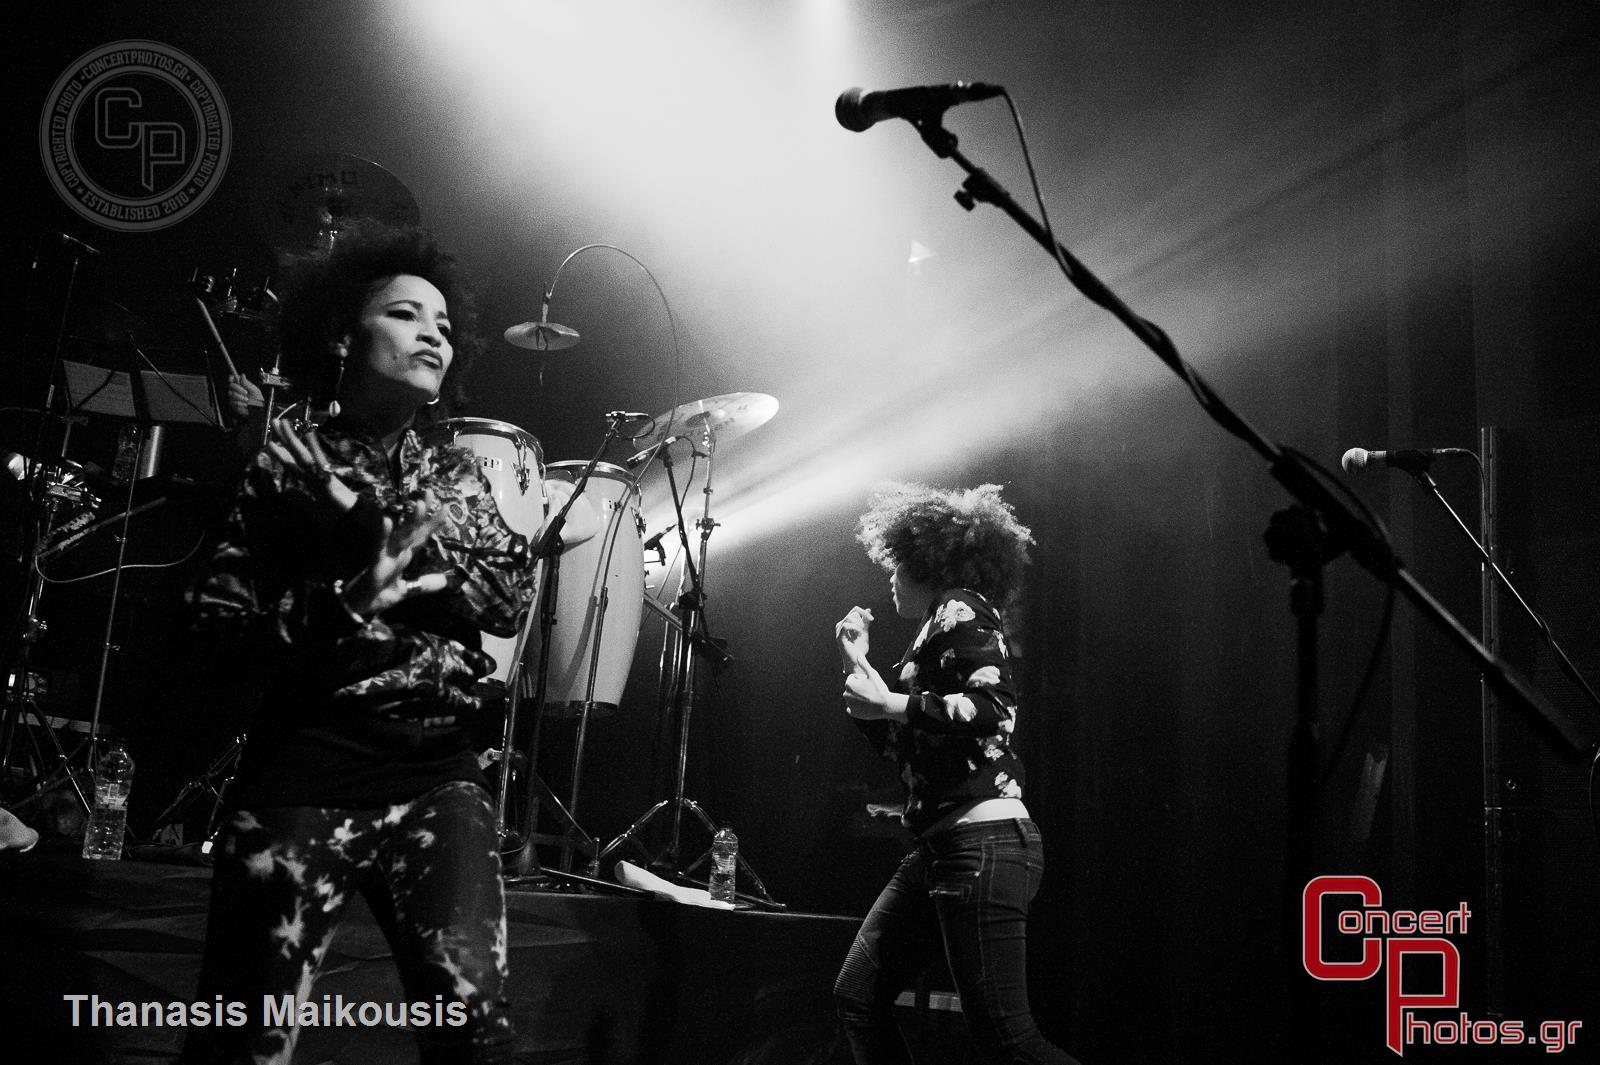 Stereo Mc's-Stereo Mcs photographer: Thanasis Maikousis - ConcertPhotos - 20141129_2306_13